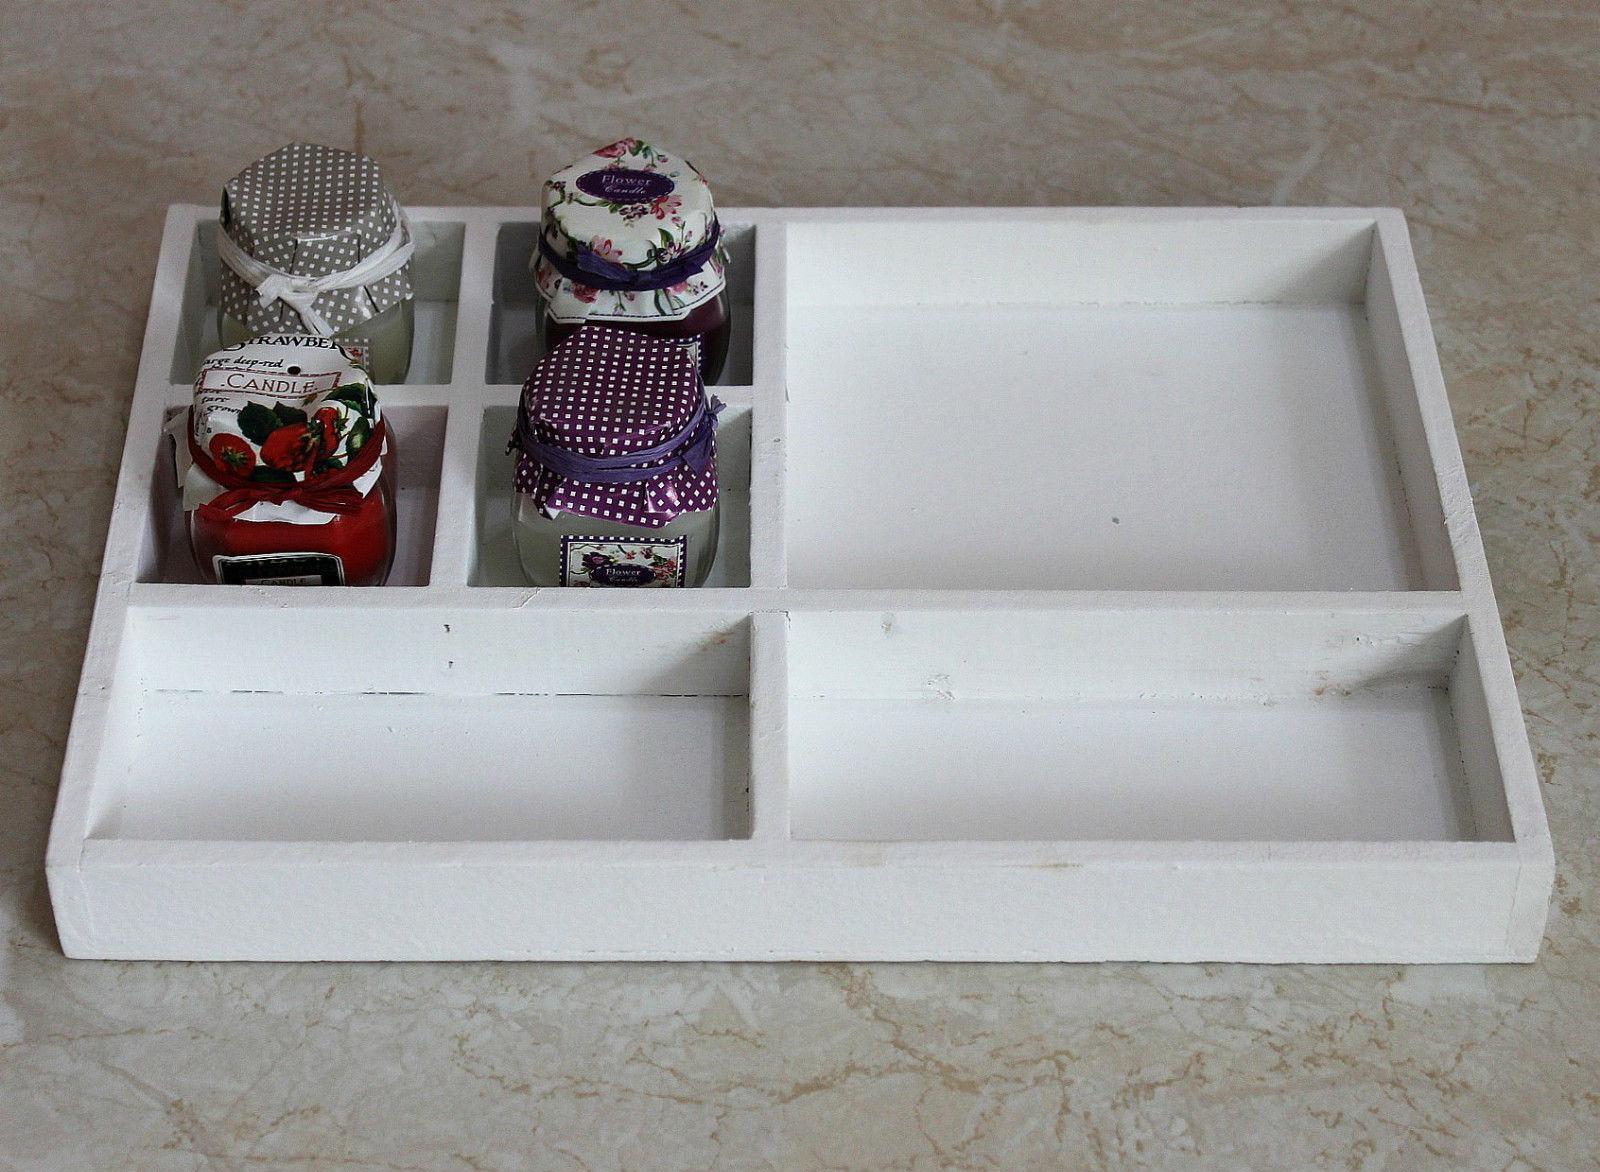 sortierkasten setzkasten 12291 wei 32 cm aus holz sammlervitrine sortierschubla ebay. Black Bedroom Furniture Sets. Home Design Ideas